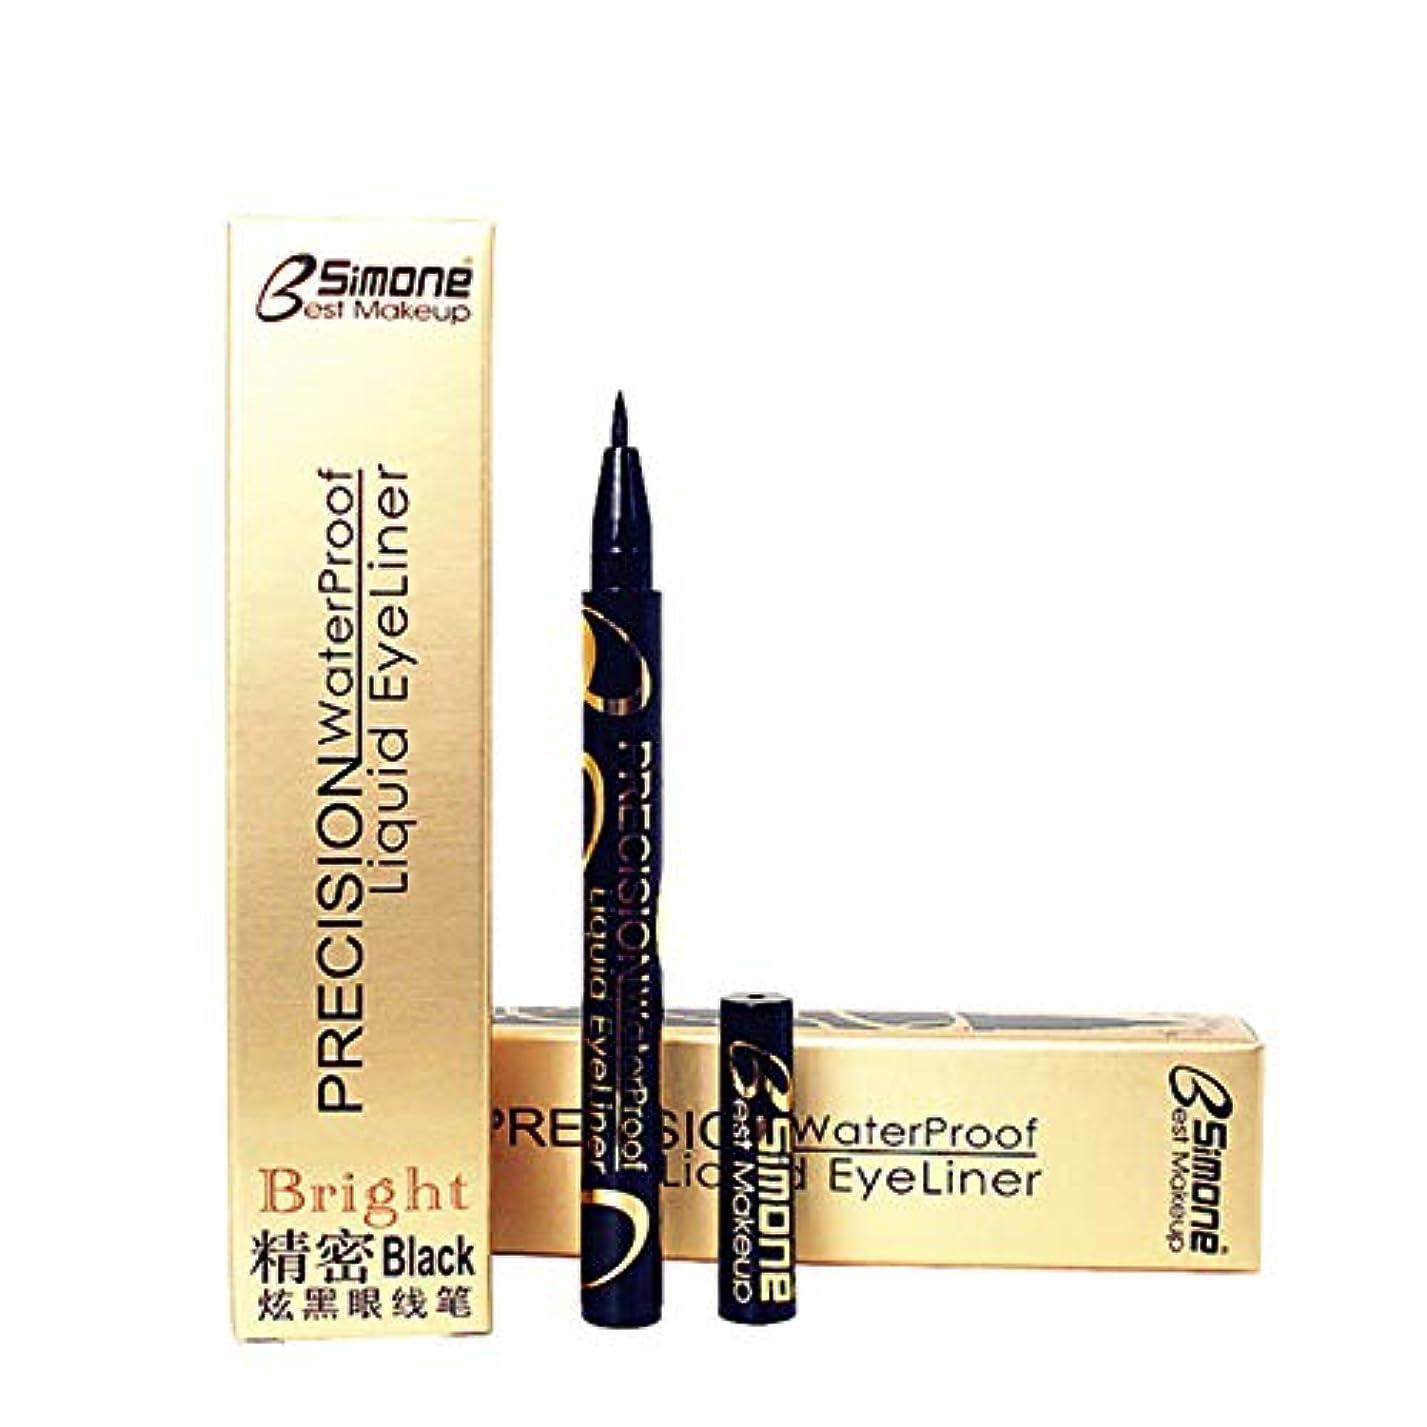 味わうカートン抵抗新しい防水美容メイク化粧品アイライナーペンシルブラックリキッドアイライナーペン